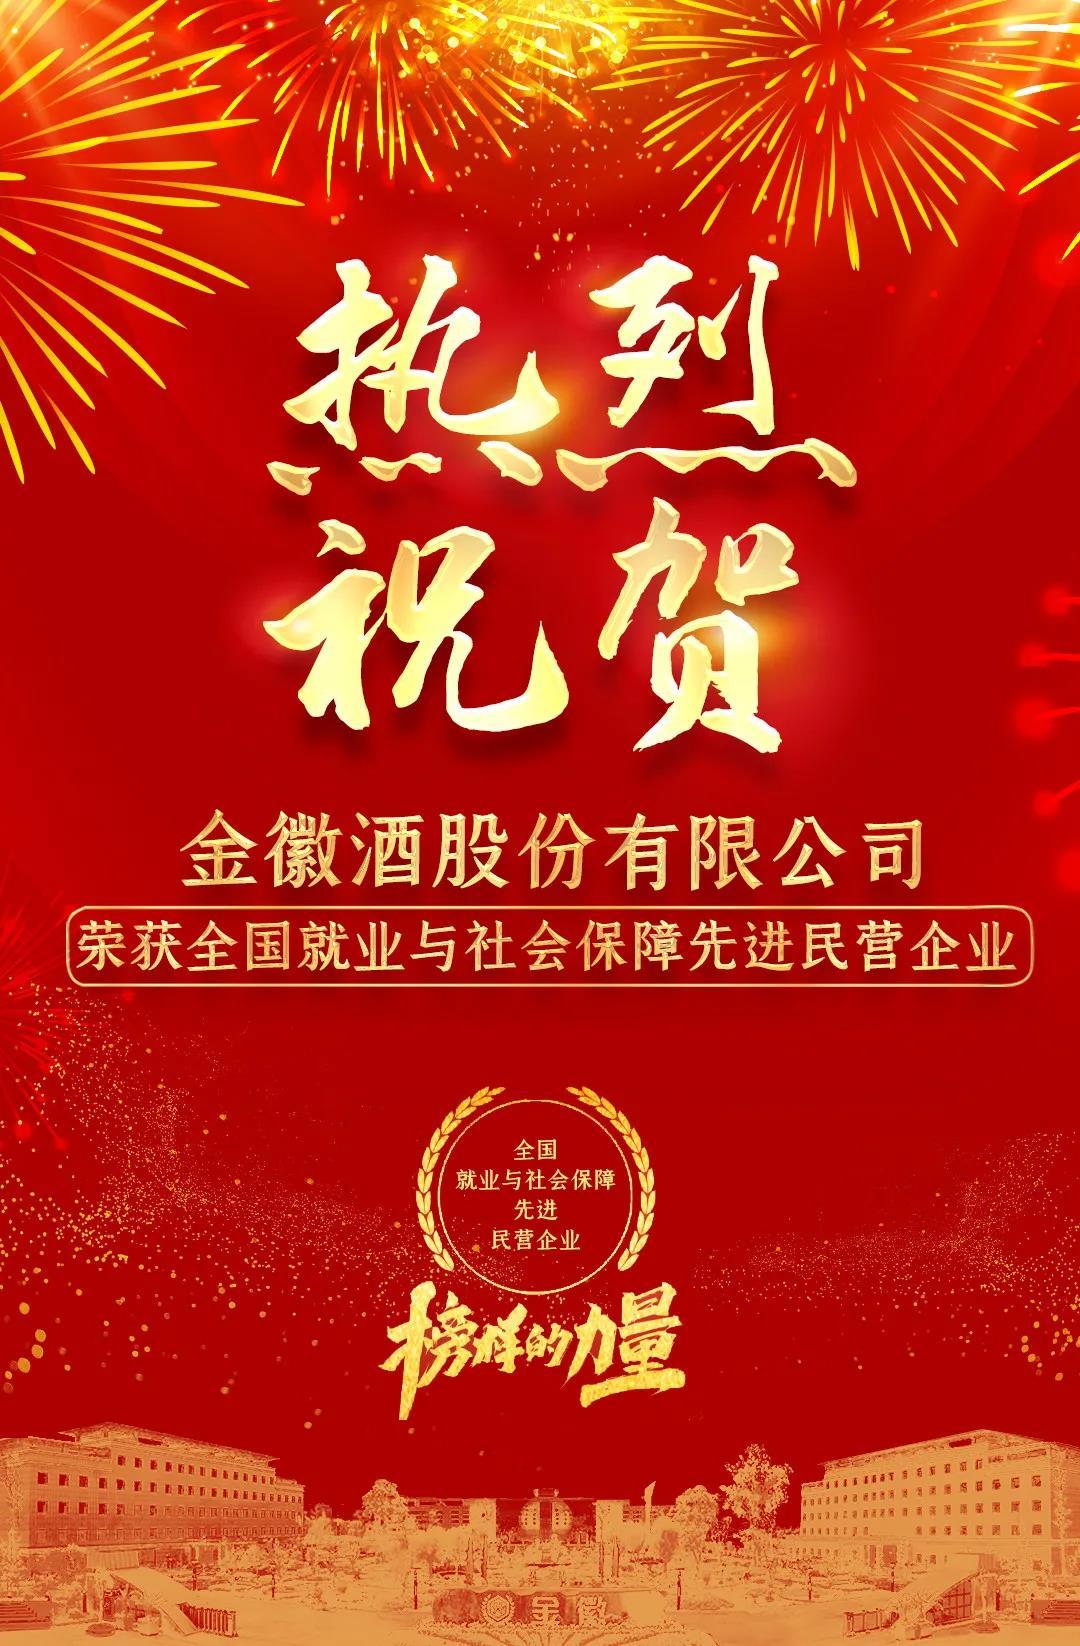 再获国家级新荣誉,金徽酒二次创业添新动力!